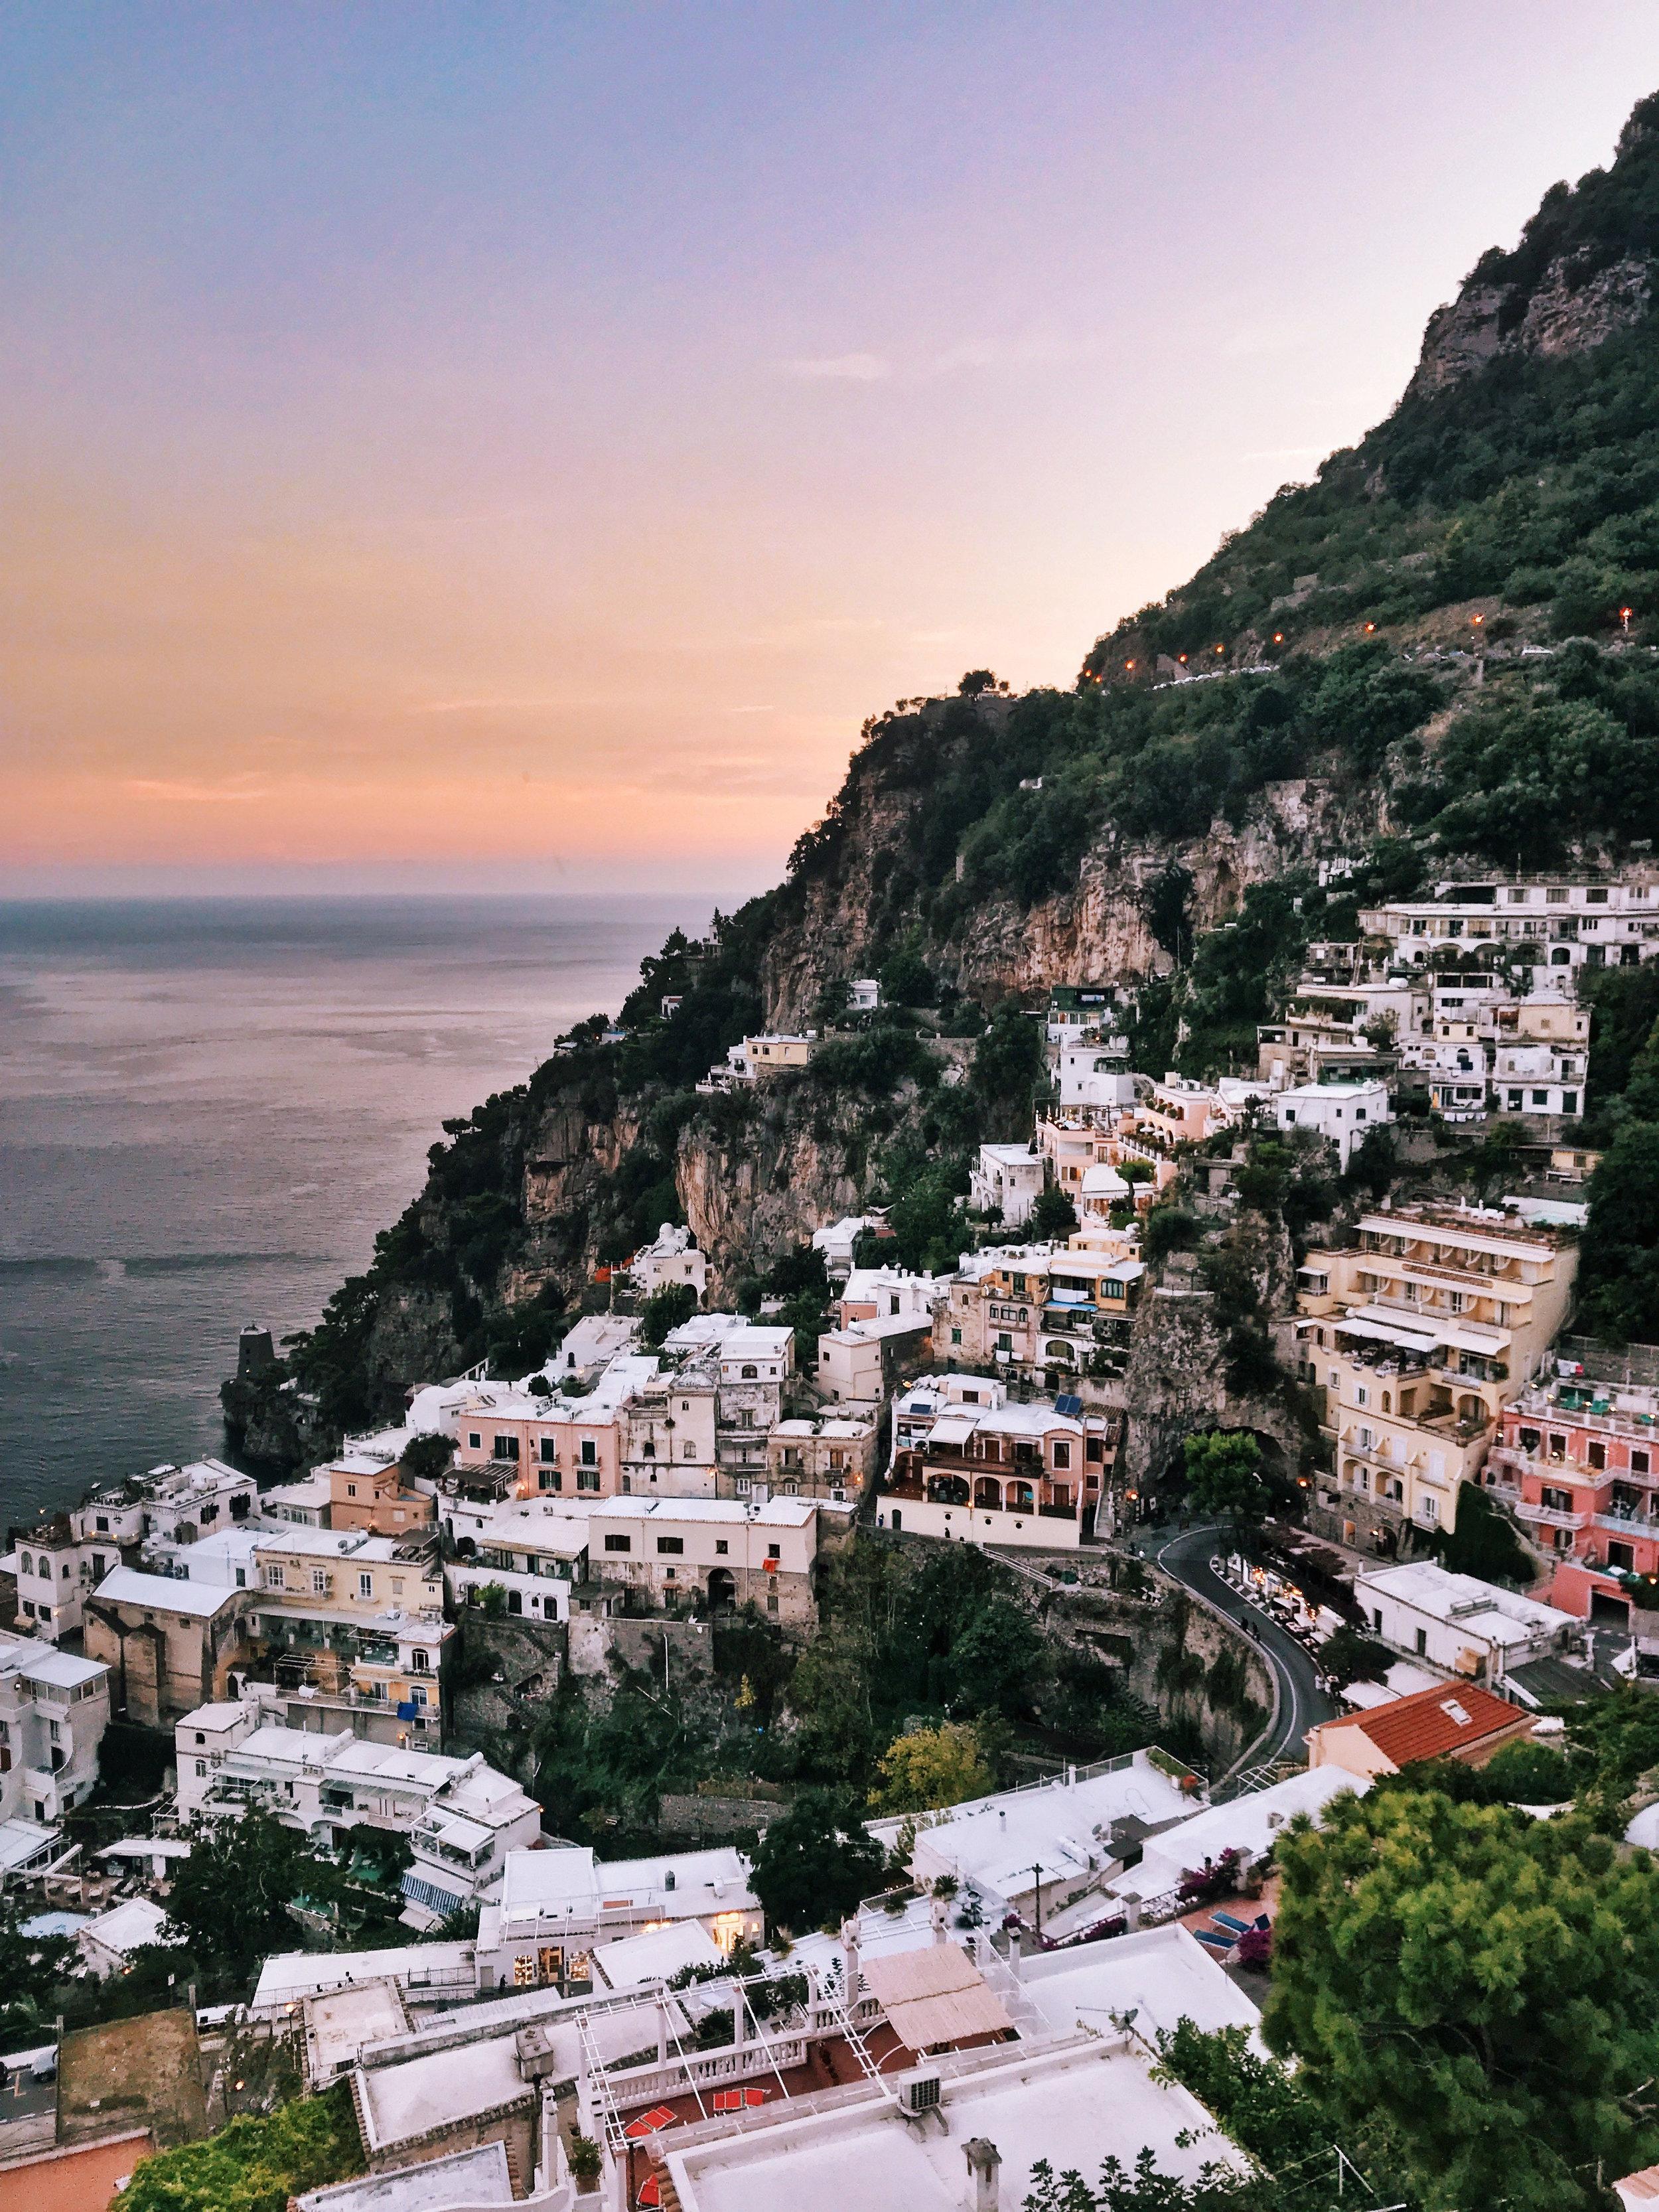 Italy-Positano-Rome-Amalfi-Coast-Lena-Mirisola-67.JPG